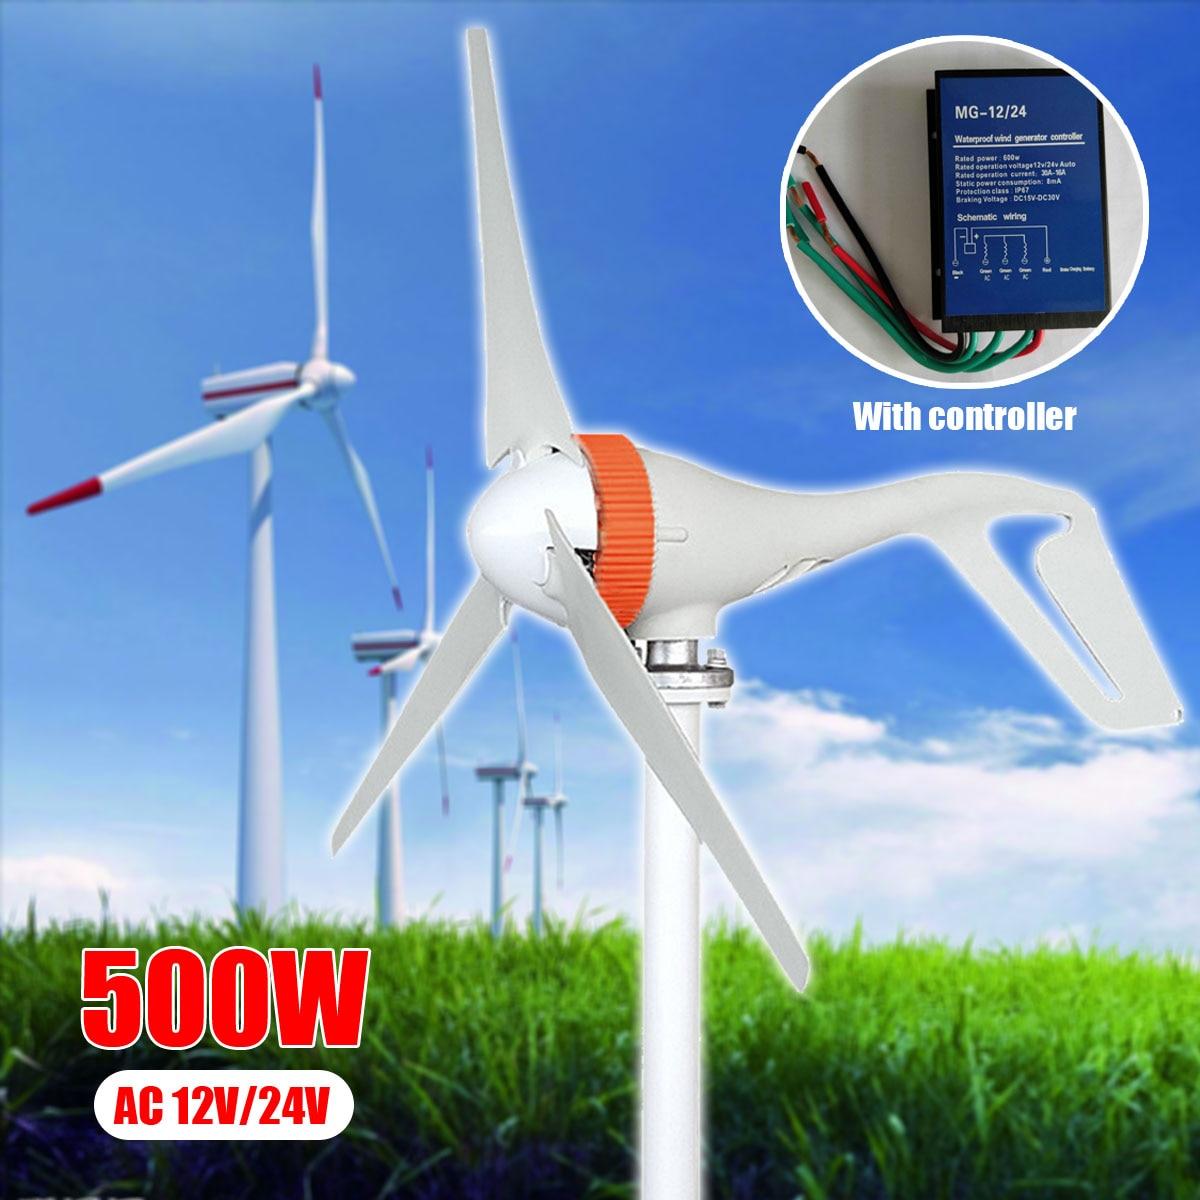 AC 12 v/24 v 500 w Turbine Eoliche Generatore In Miniatura Mini Turbine Eoliche Con Il Regolatore 3 Pale Eoliche generatore per Uso Domestico